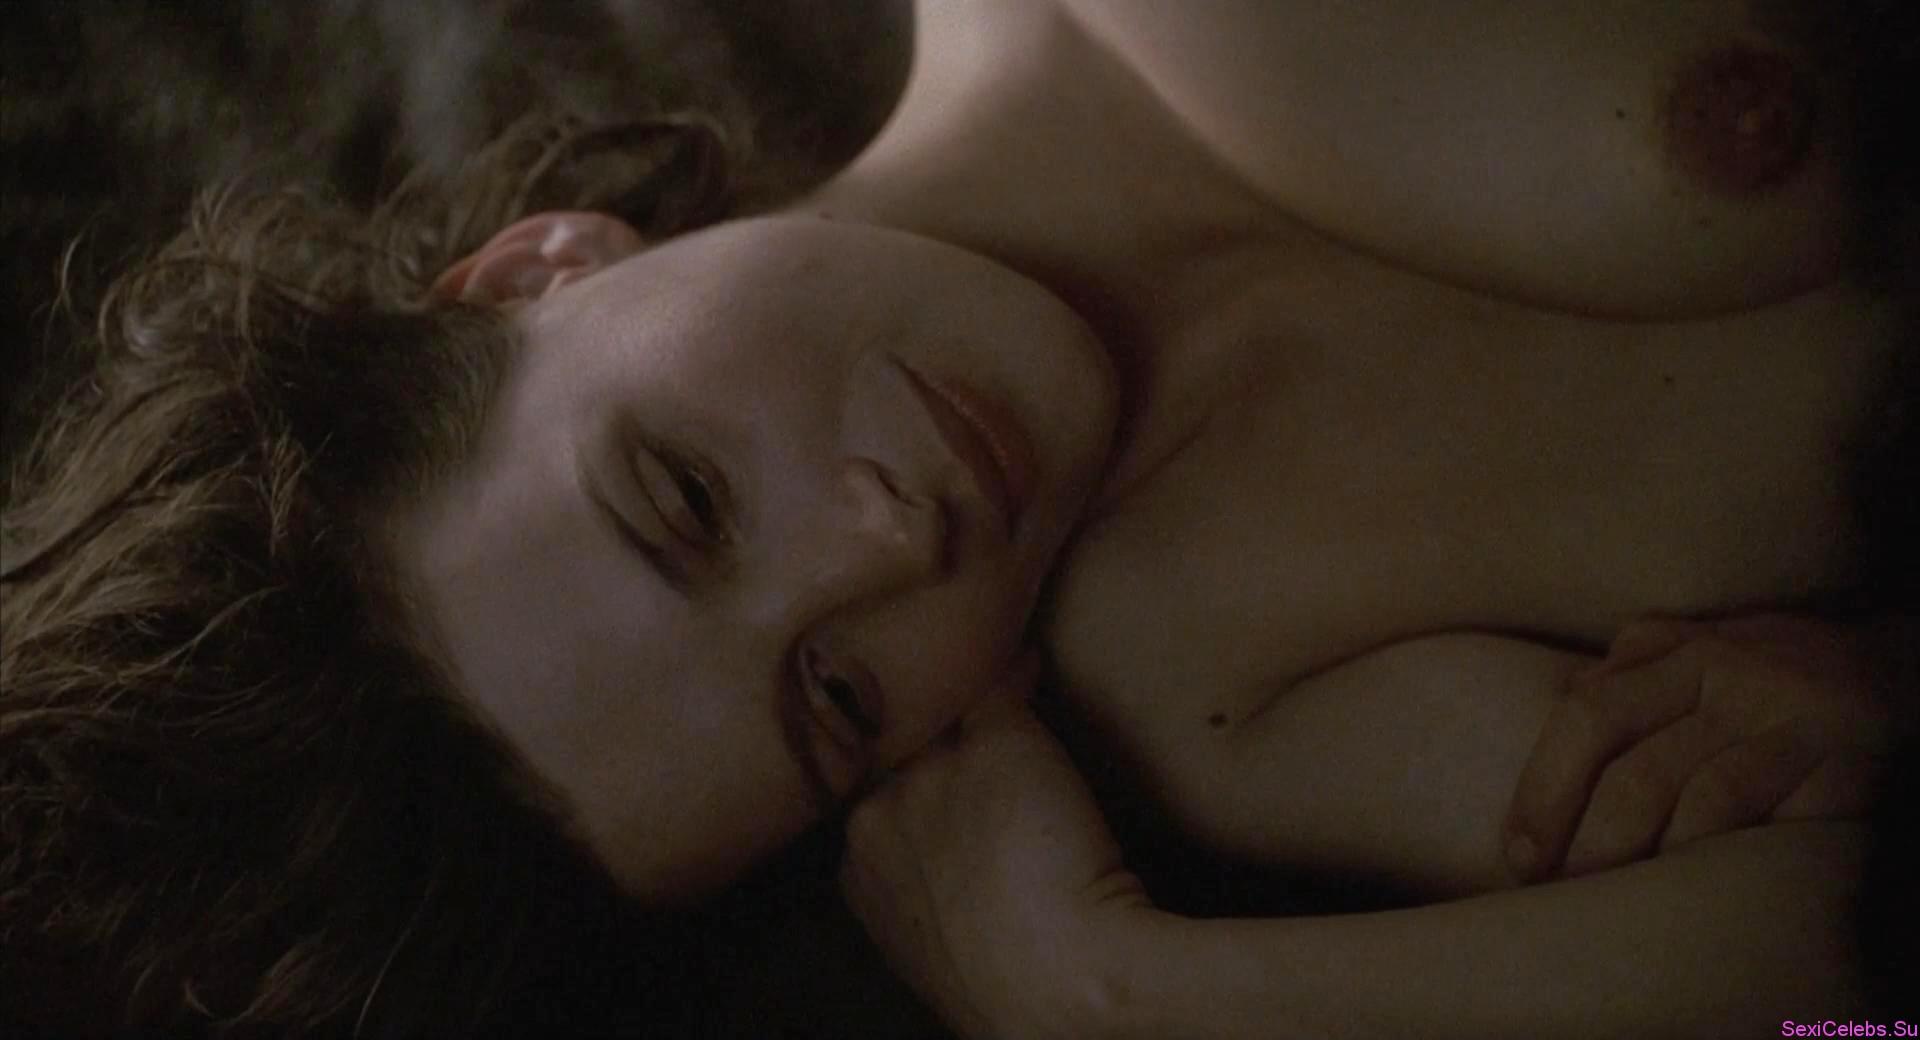 Juliette binoche online porno sexy clip